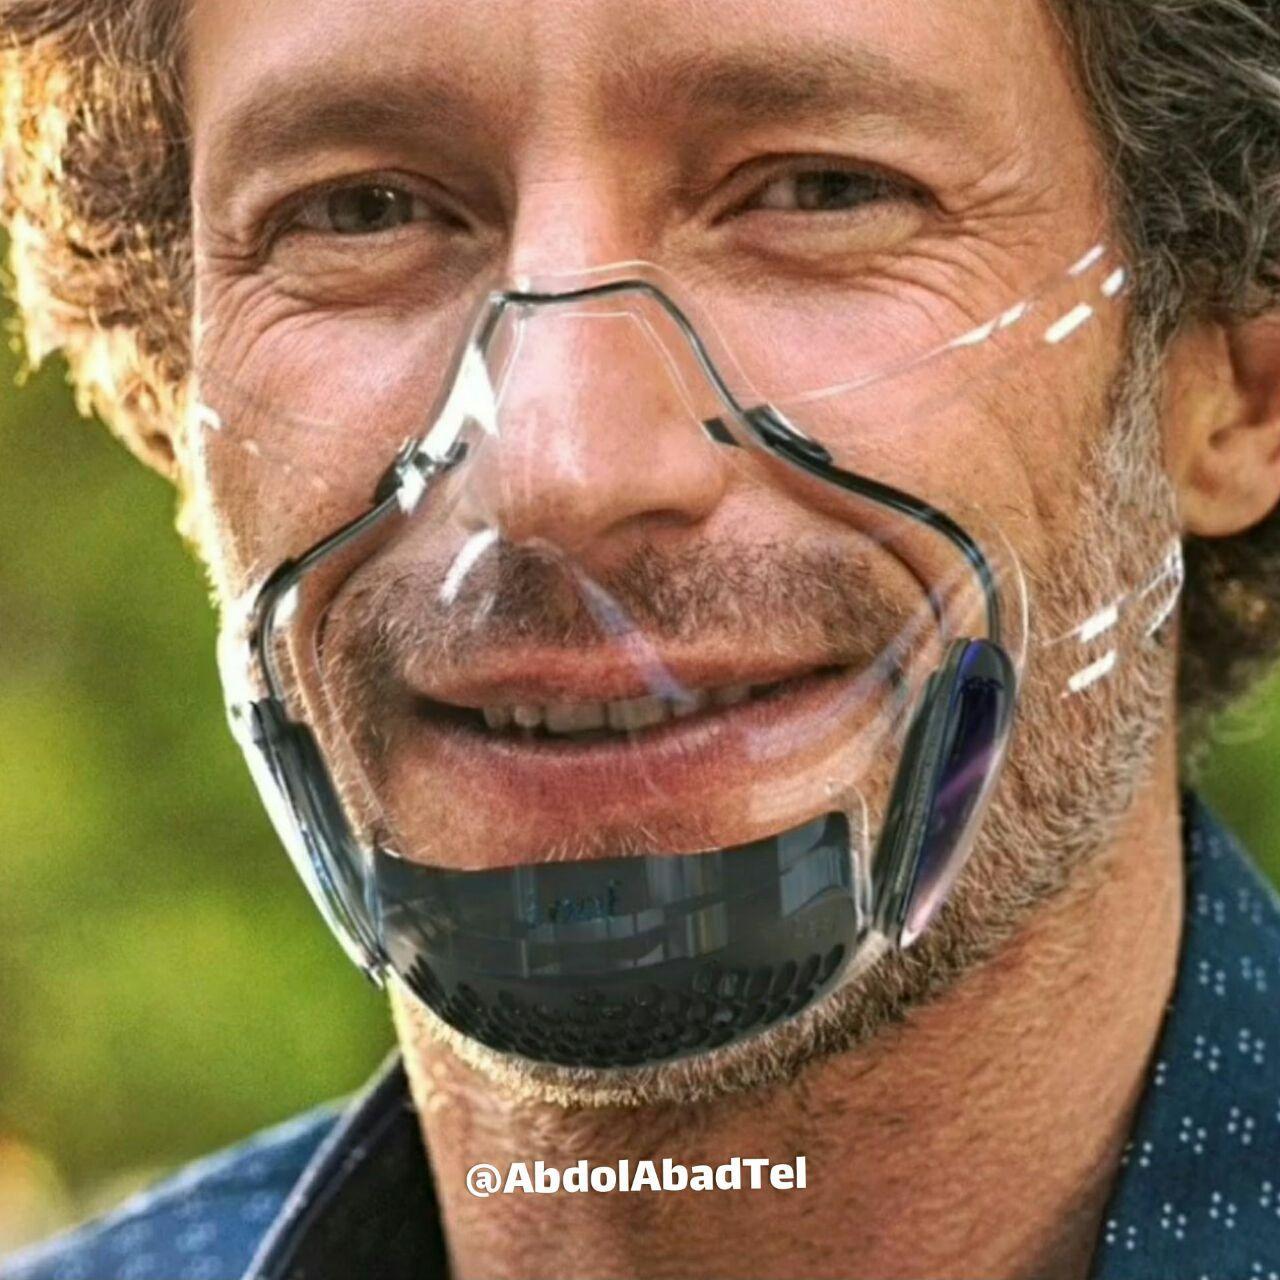 نخستین ماسک شفاف دنیا که لبخند شما را پنهان نمی کند